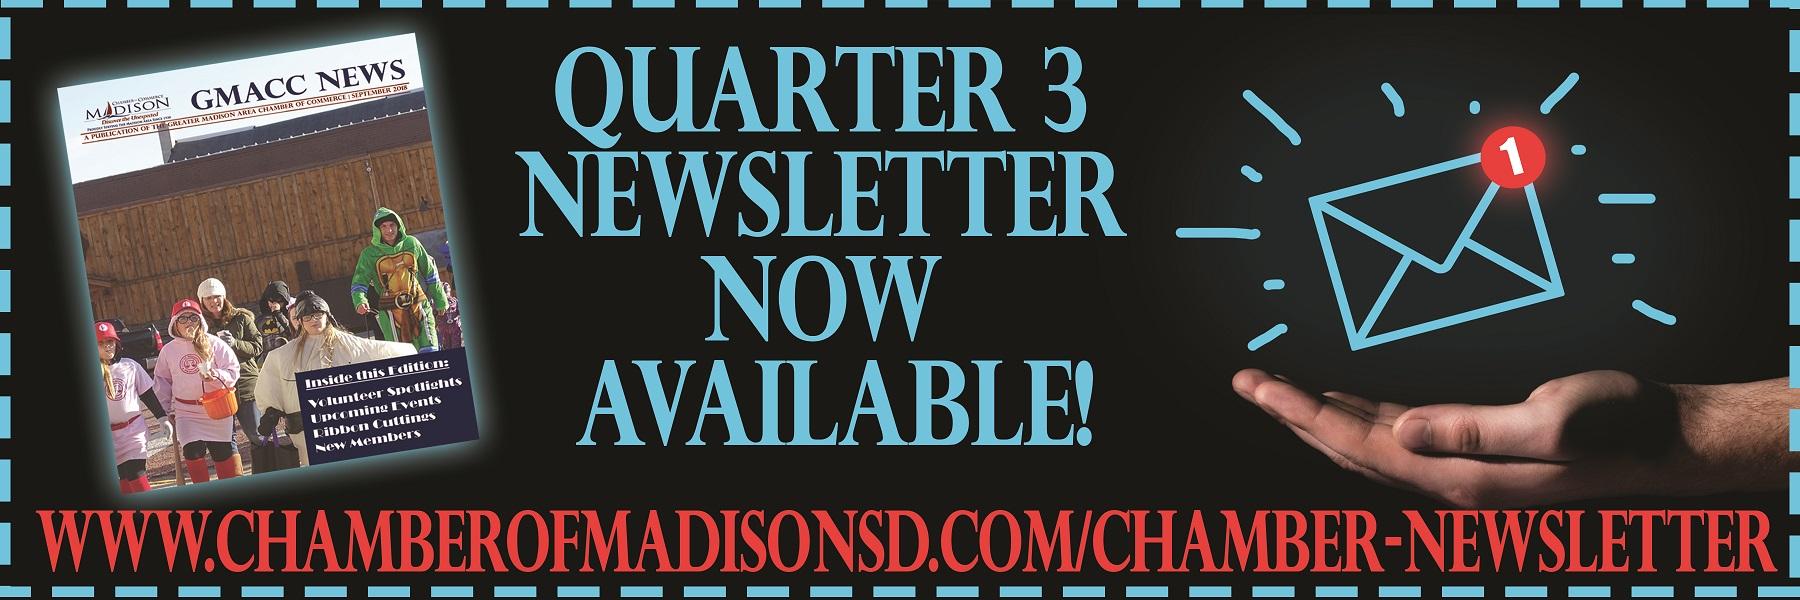 Newsletter-Announcement-Quarter-3.jpg